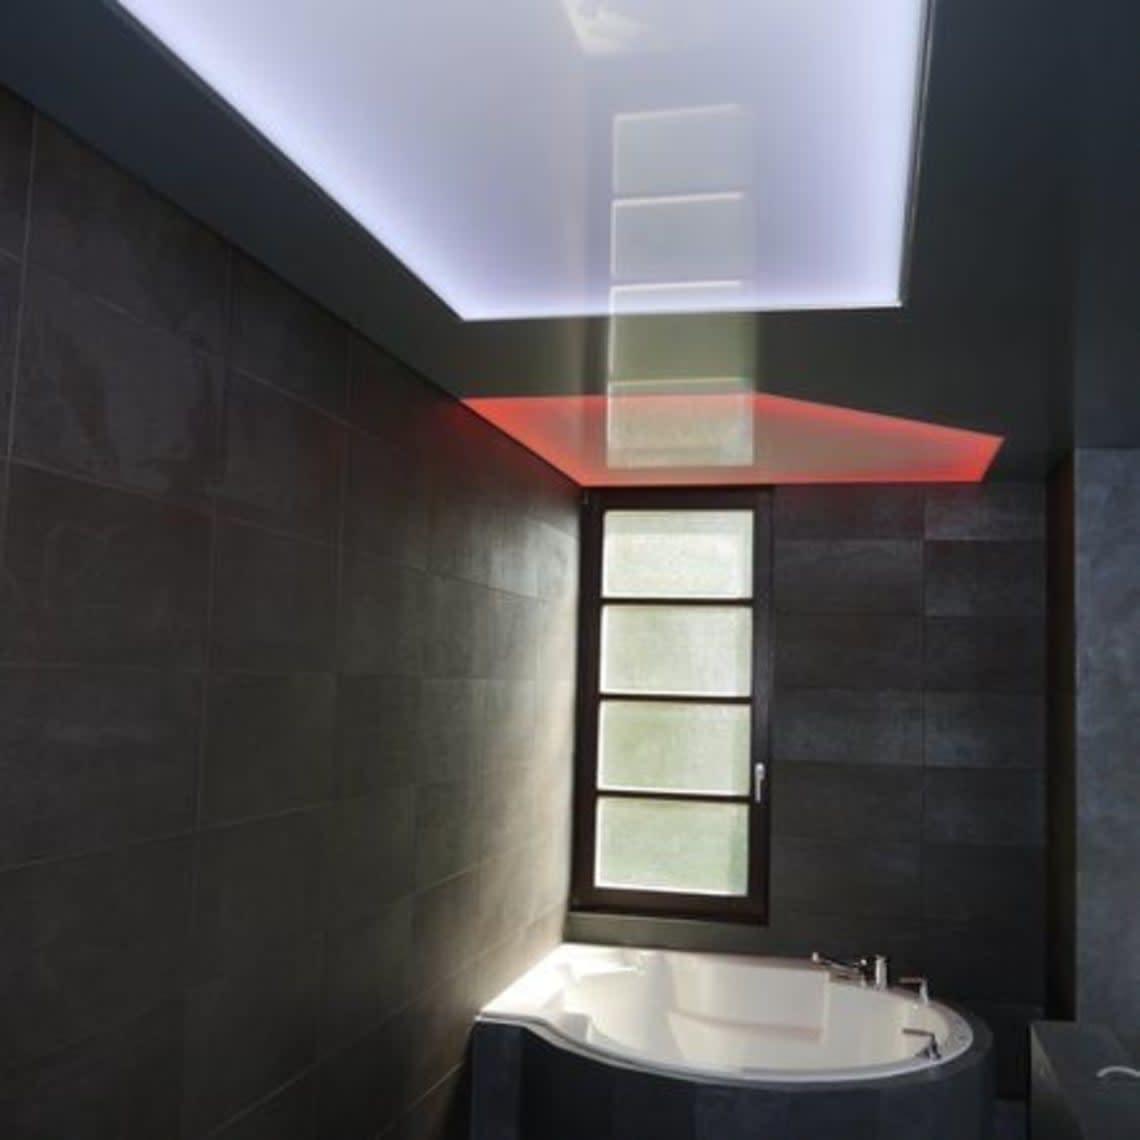 Rote Beleuchtung über Badewanne